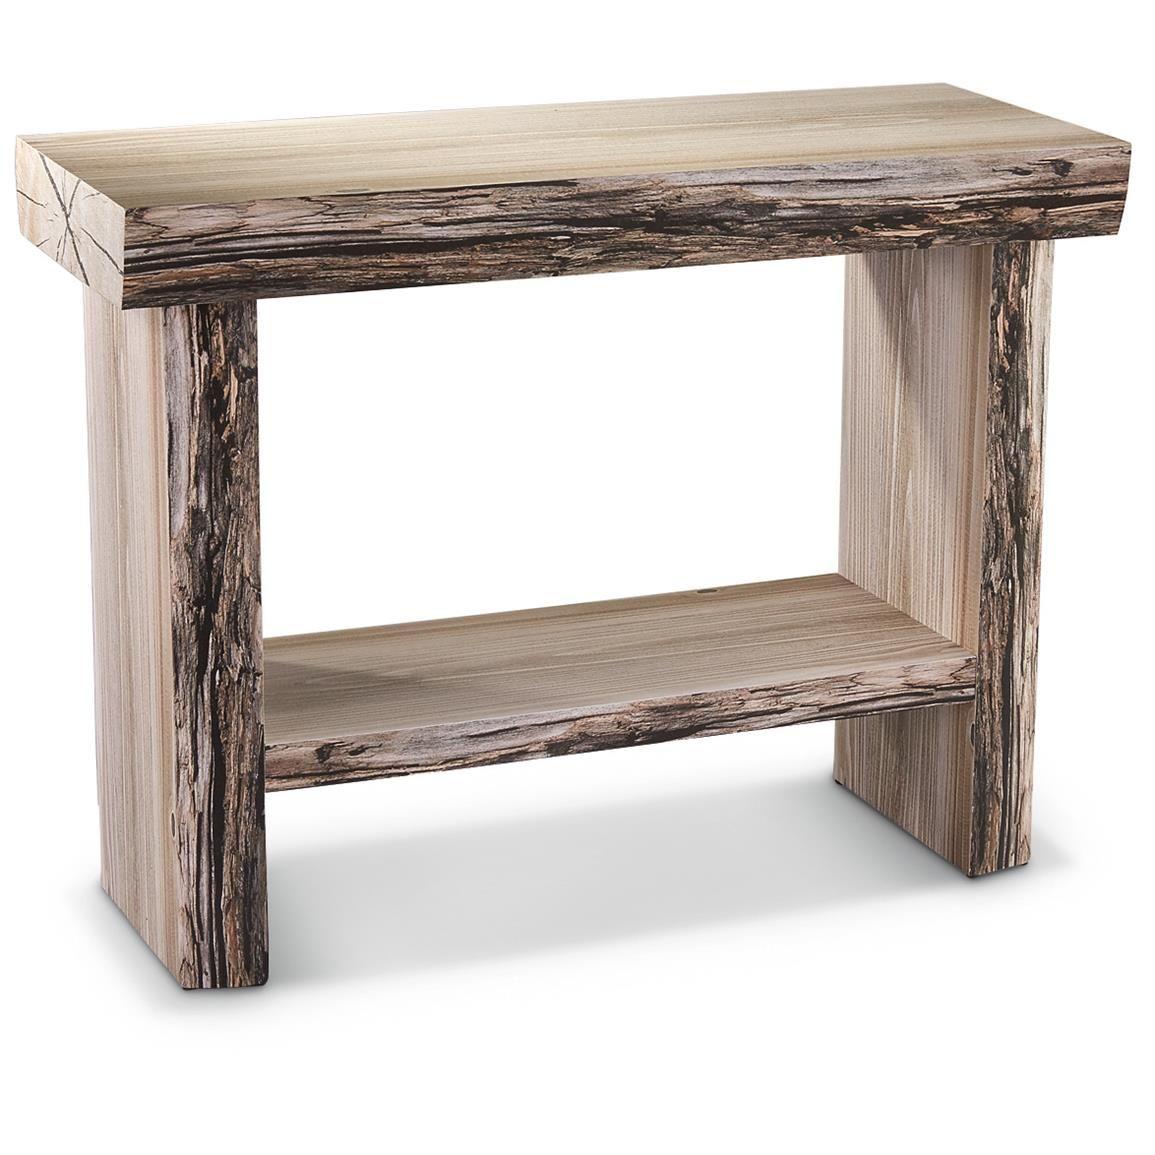 Tree Trunk Table | CASTLECREEK Tree Trunk Console Table - 664331 ...